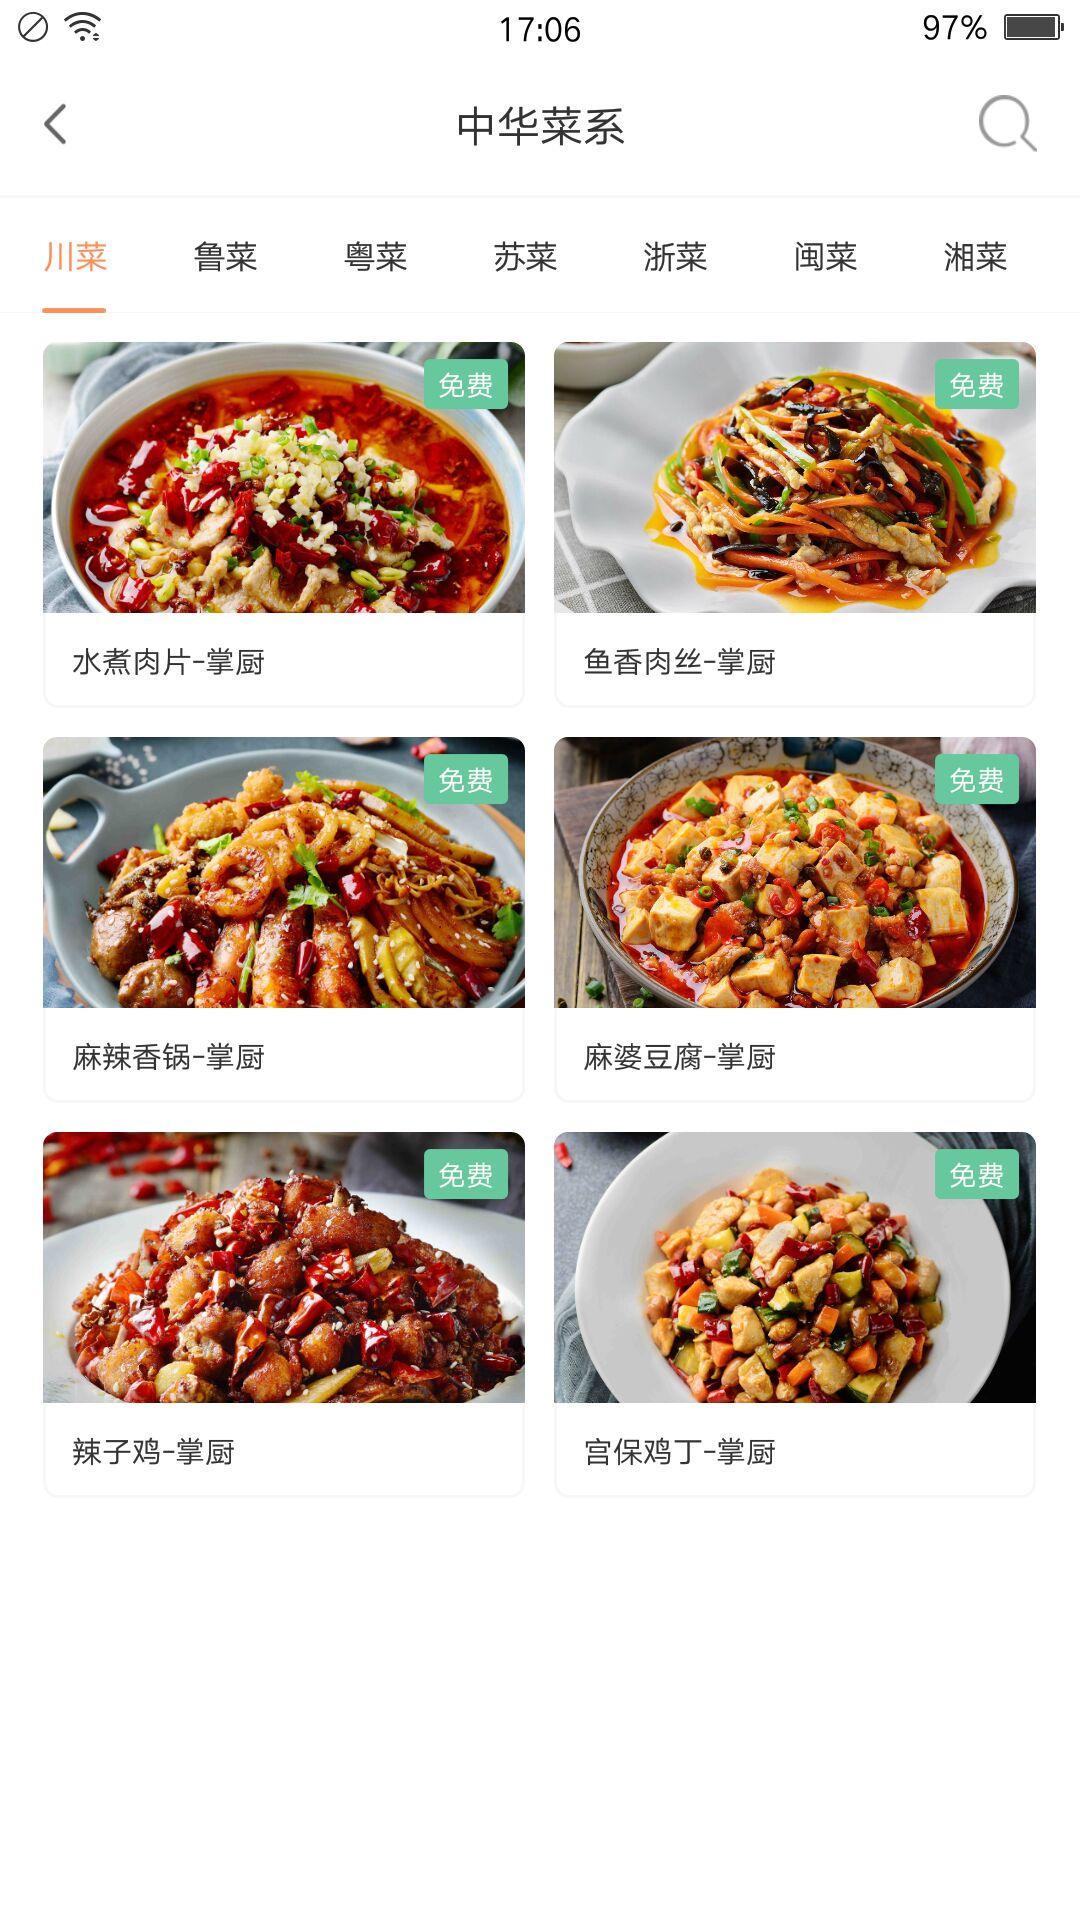 掌厨智能菜谱 V1.1.6 安卓版截图2